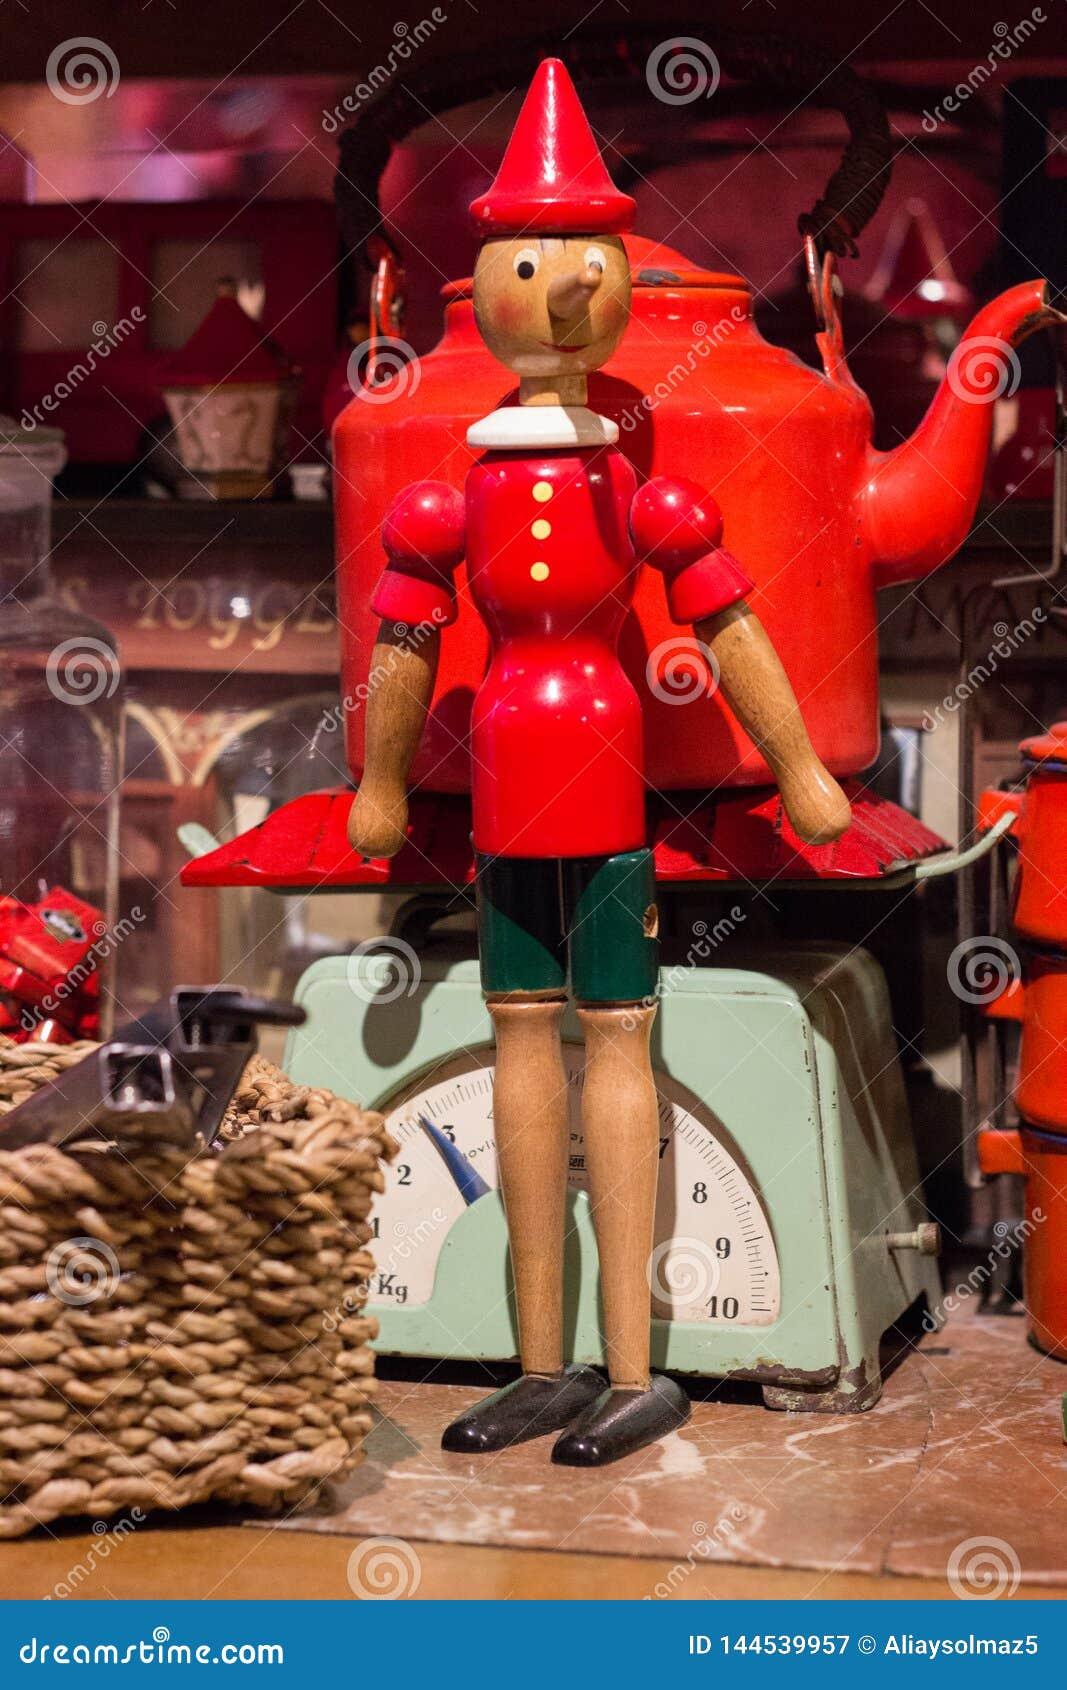 Antique Pinocchio Figure, Toy